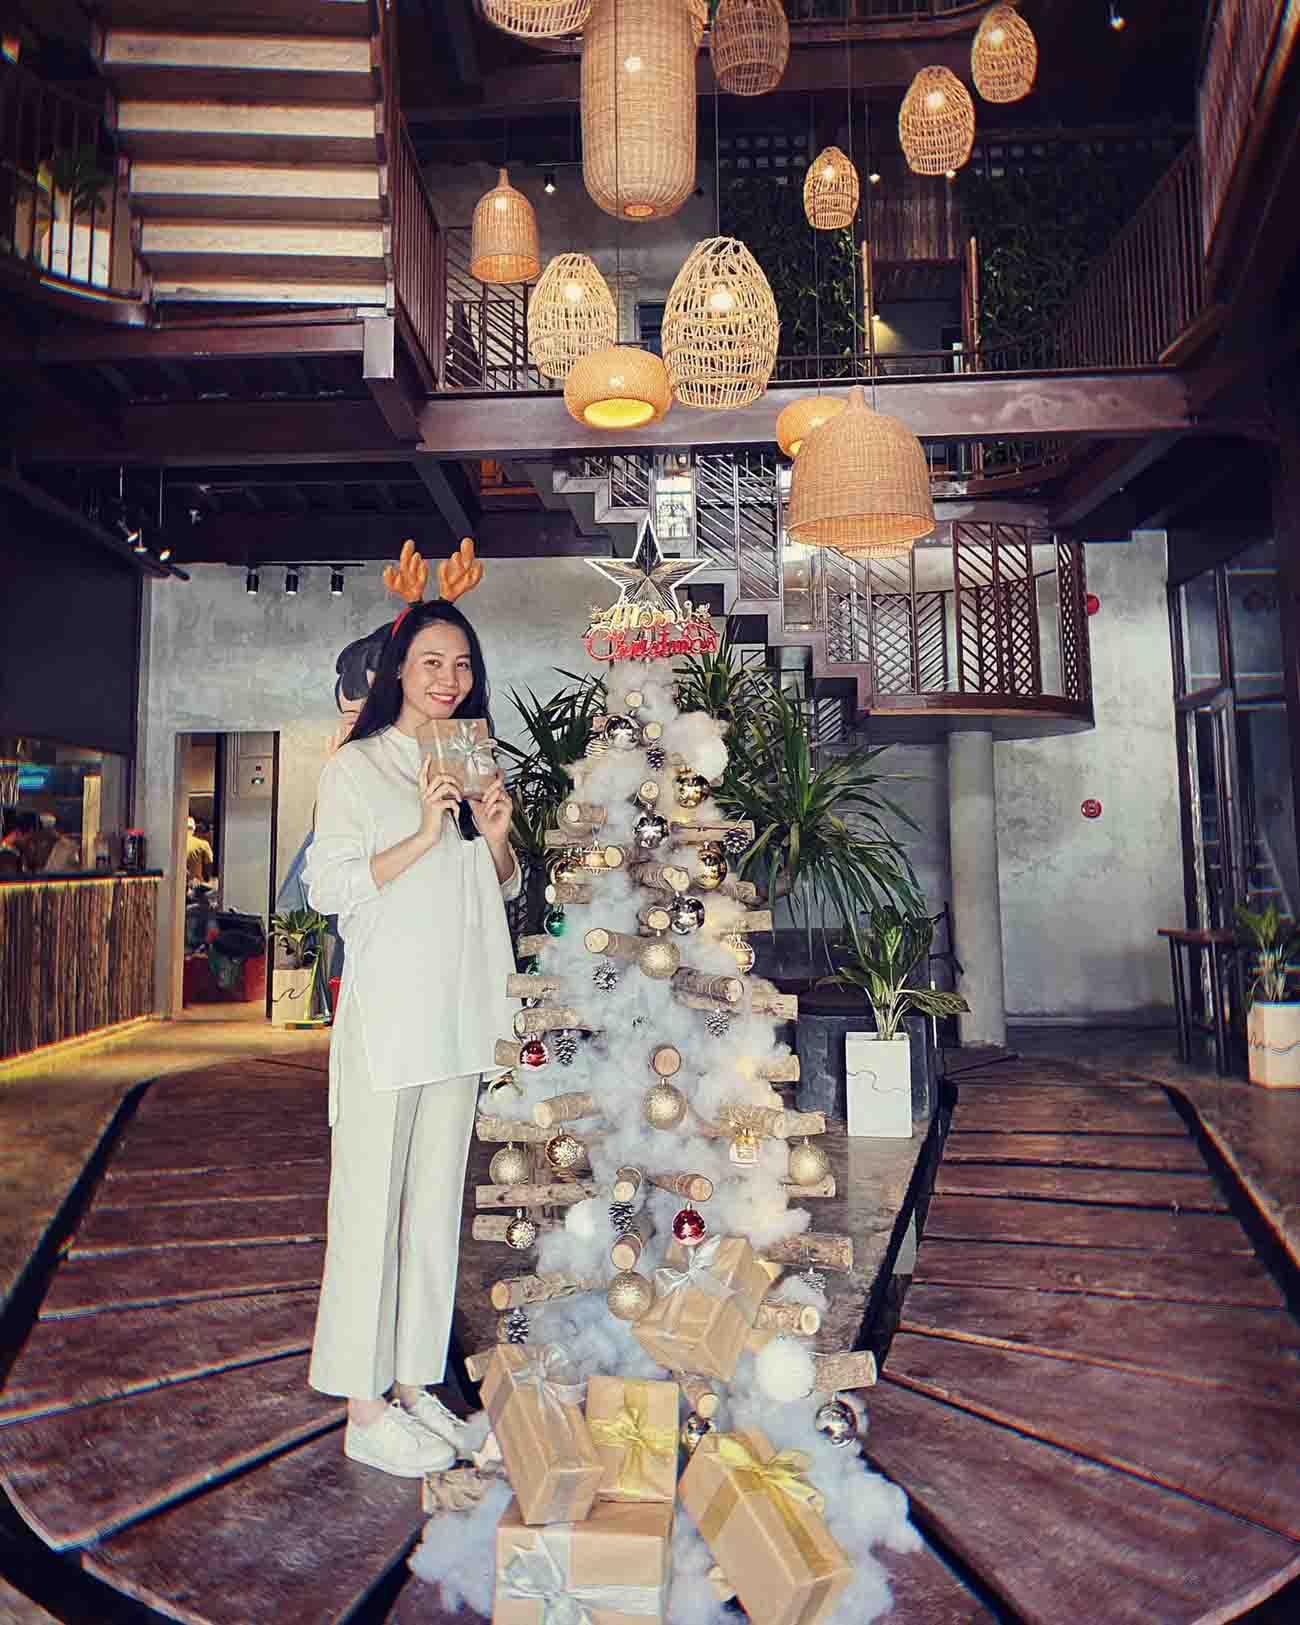 Làm dâu hào môn, Đàm Thu Trang vẫn mặc đơn giản, đi đâu cũng xỏ chân đúng 1 đôi giày - 8